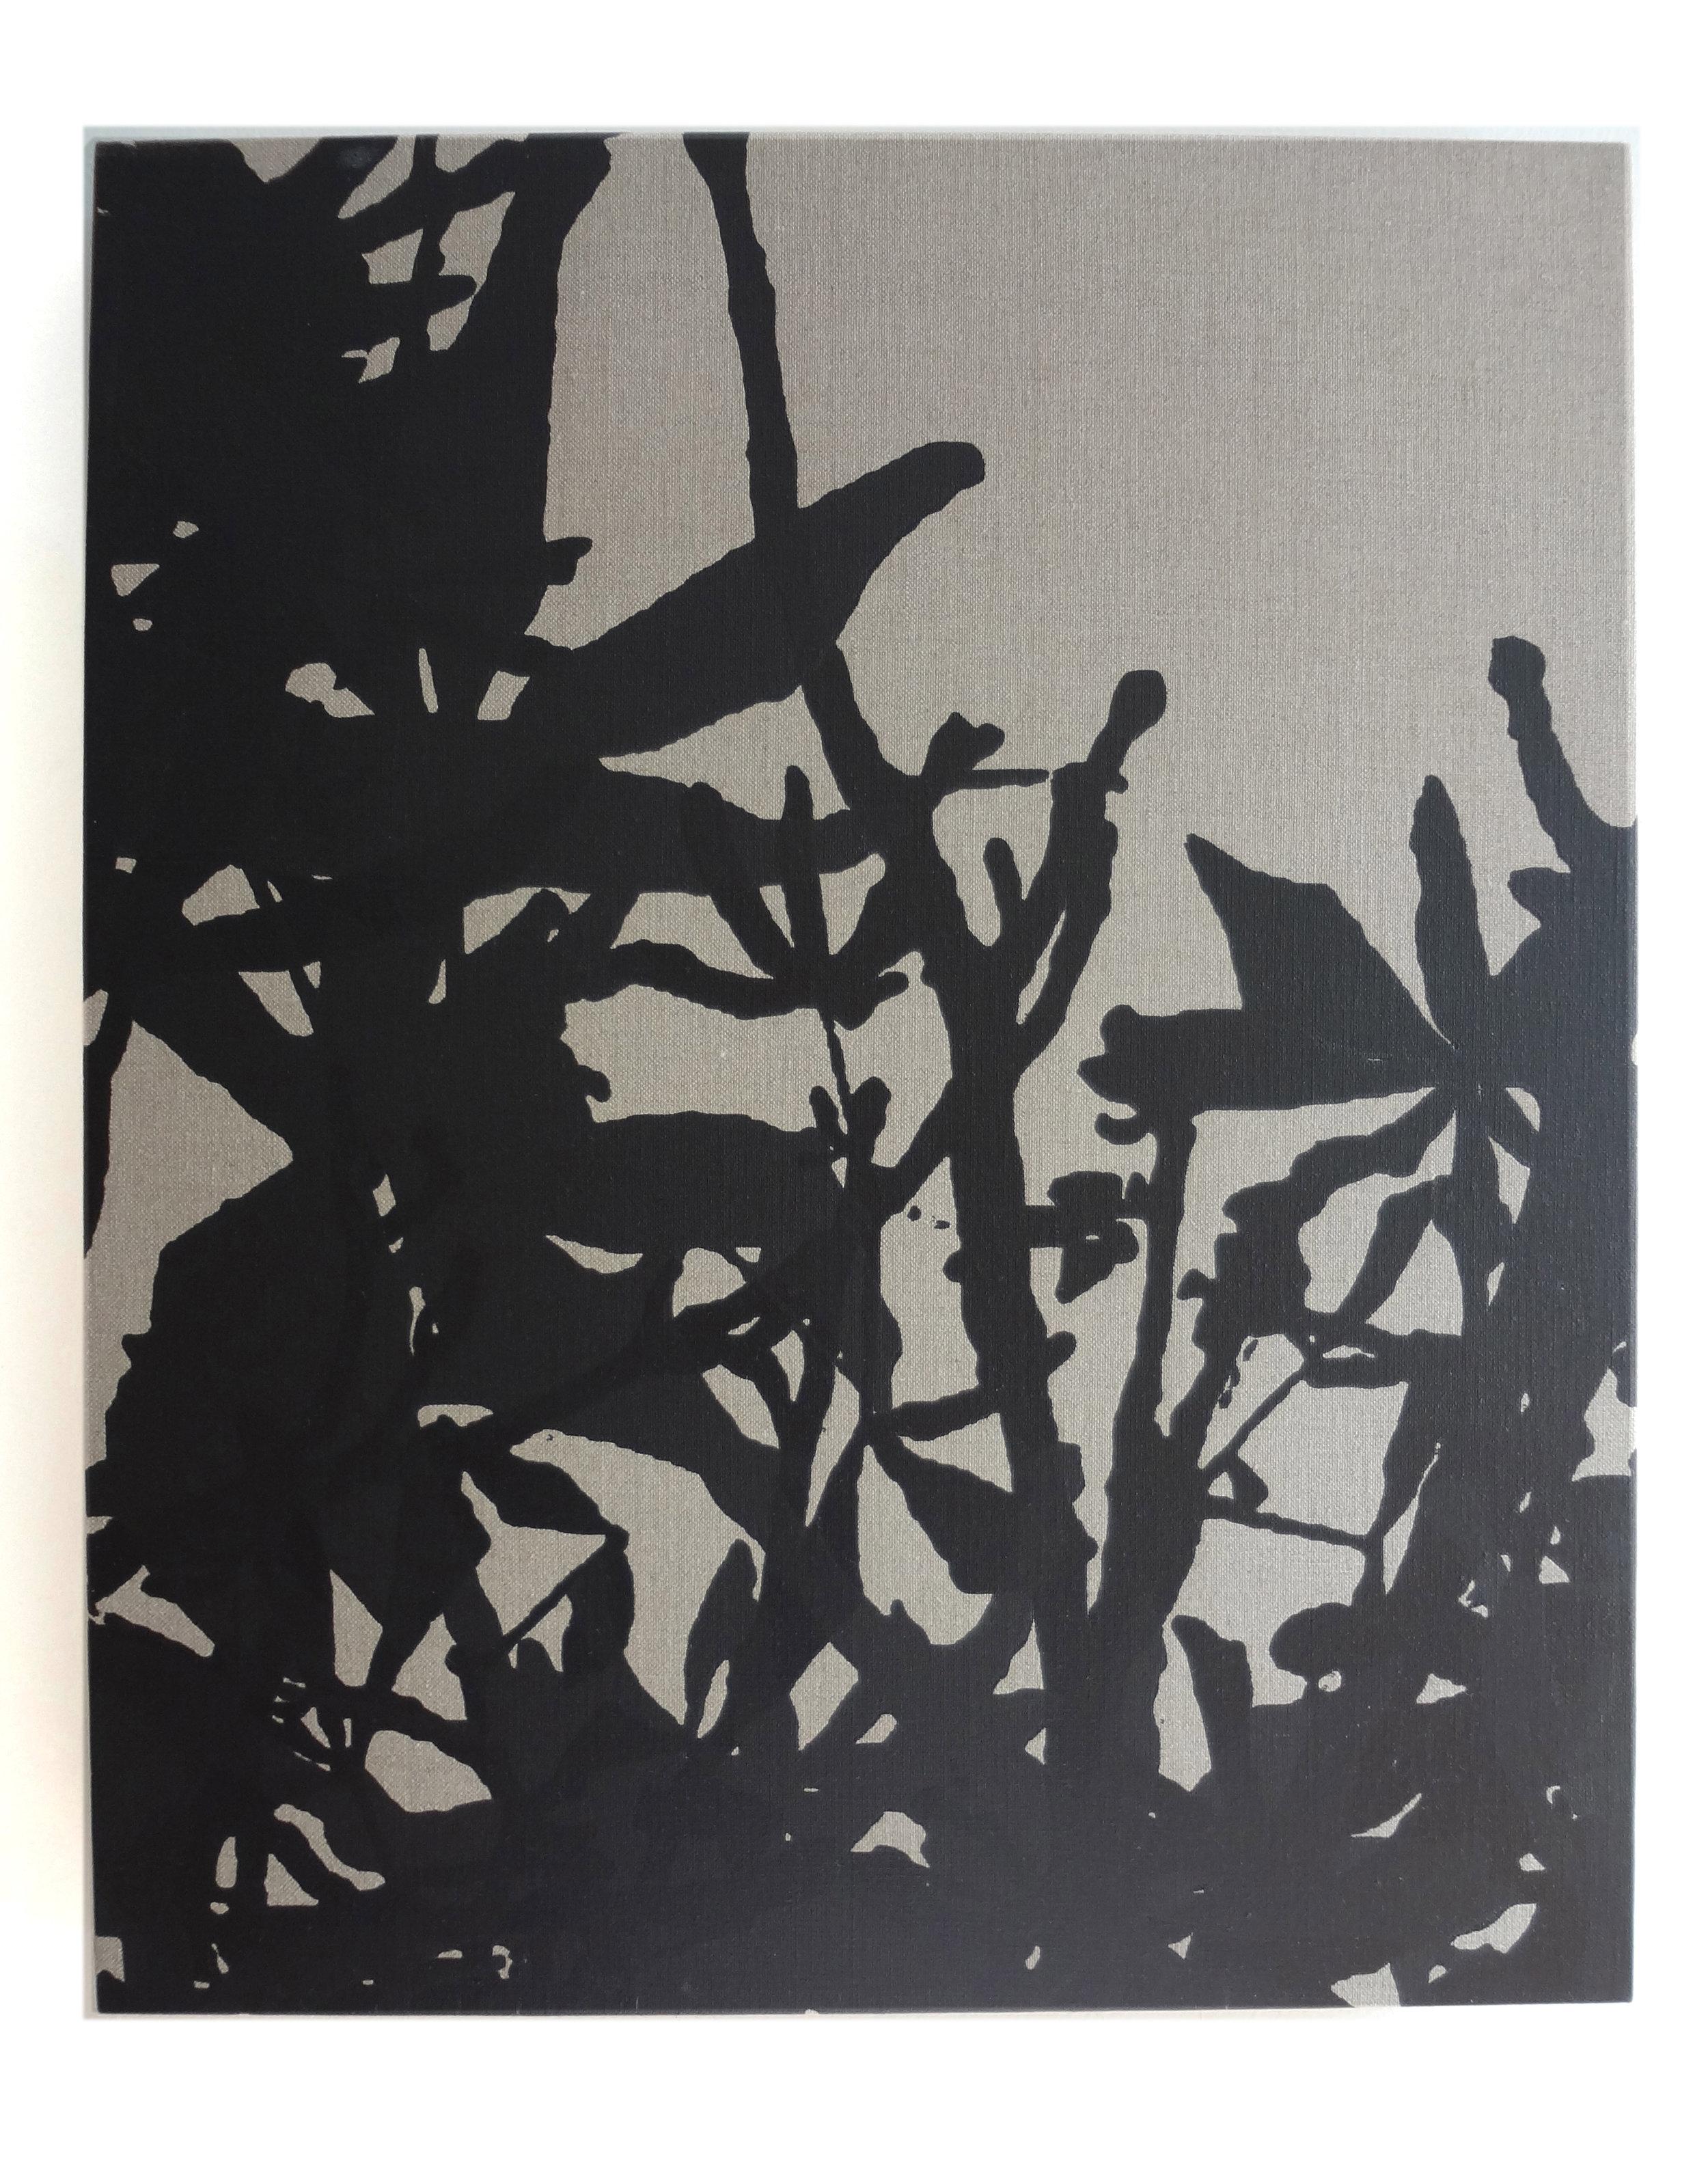 Meghan Gerety  Study , 2012 silkscreen on linen 24 x 16 in.